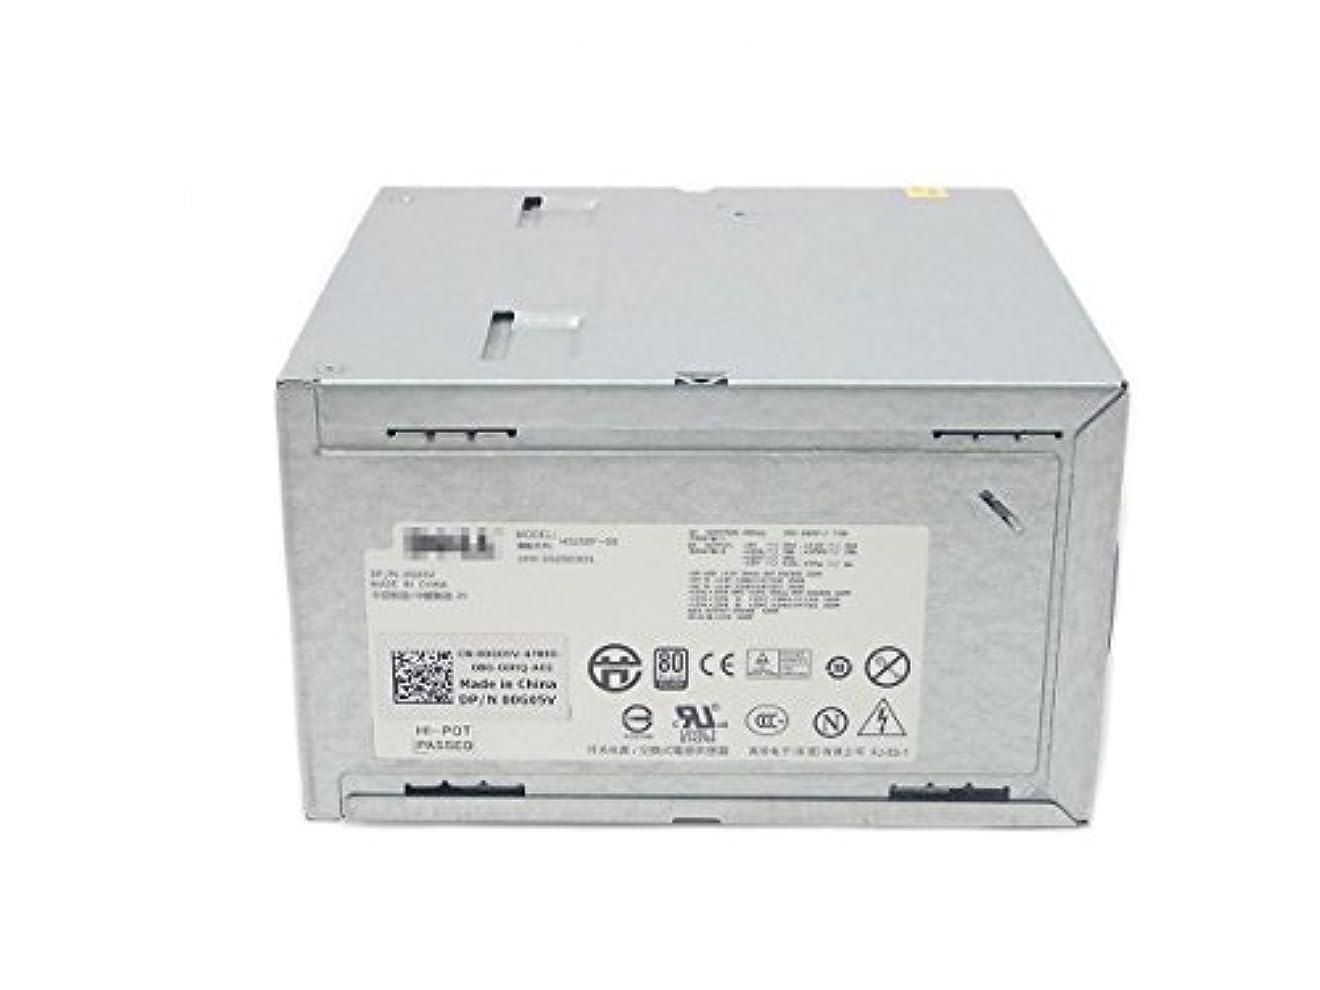 リビジョンアドバンテージ後継(修理交換用) 適用するDELL Precision T3500 用 電源ユニット D525AF-00 H525AF-00 X008G M821J